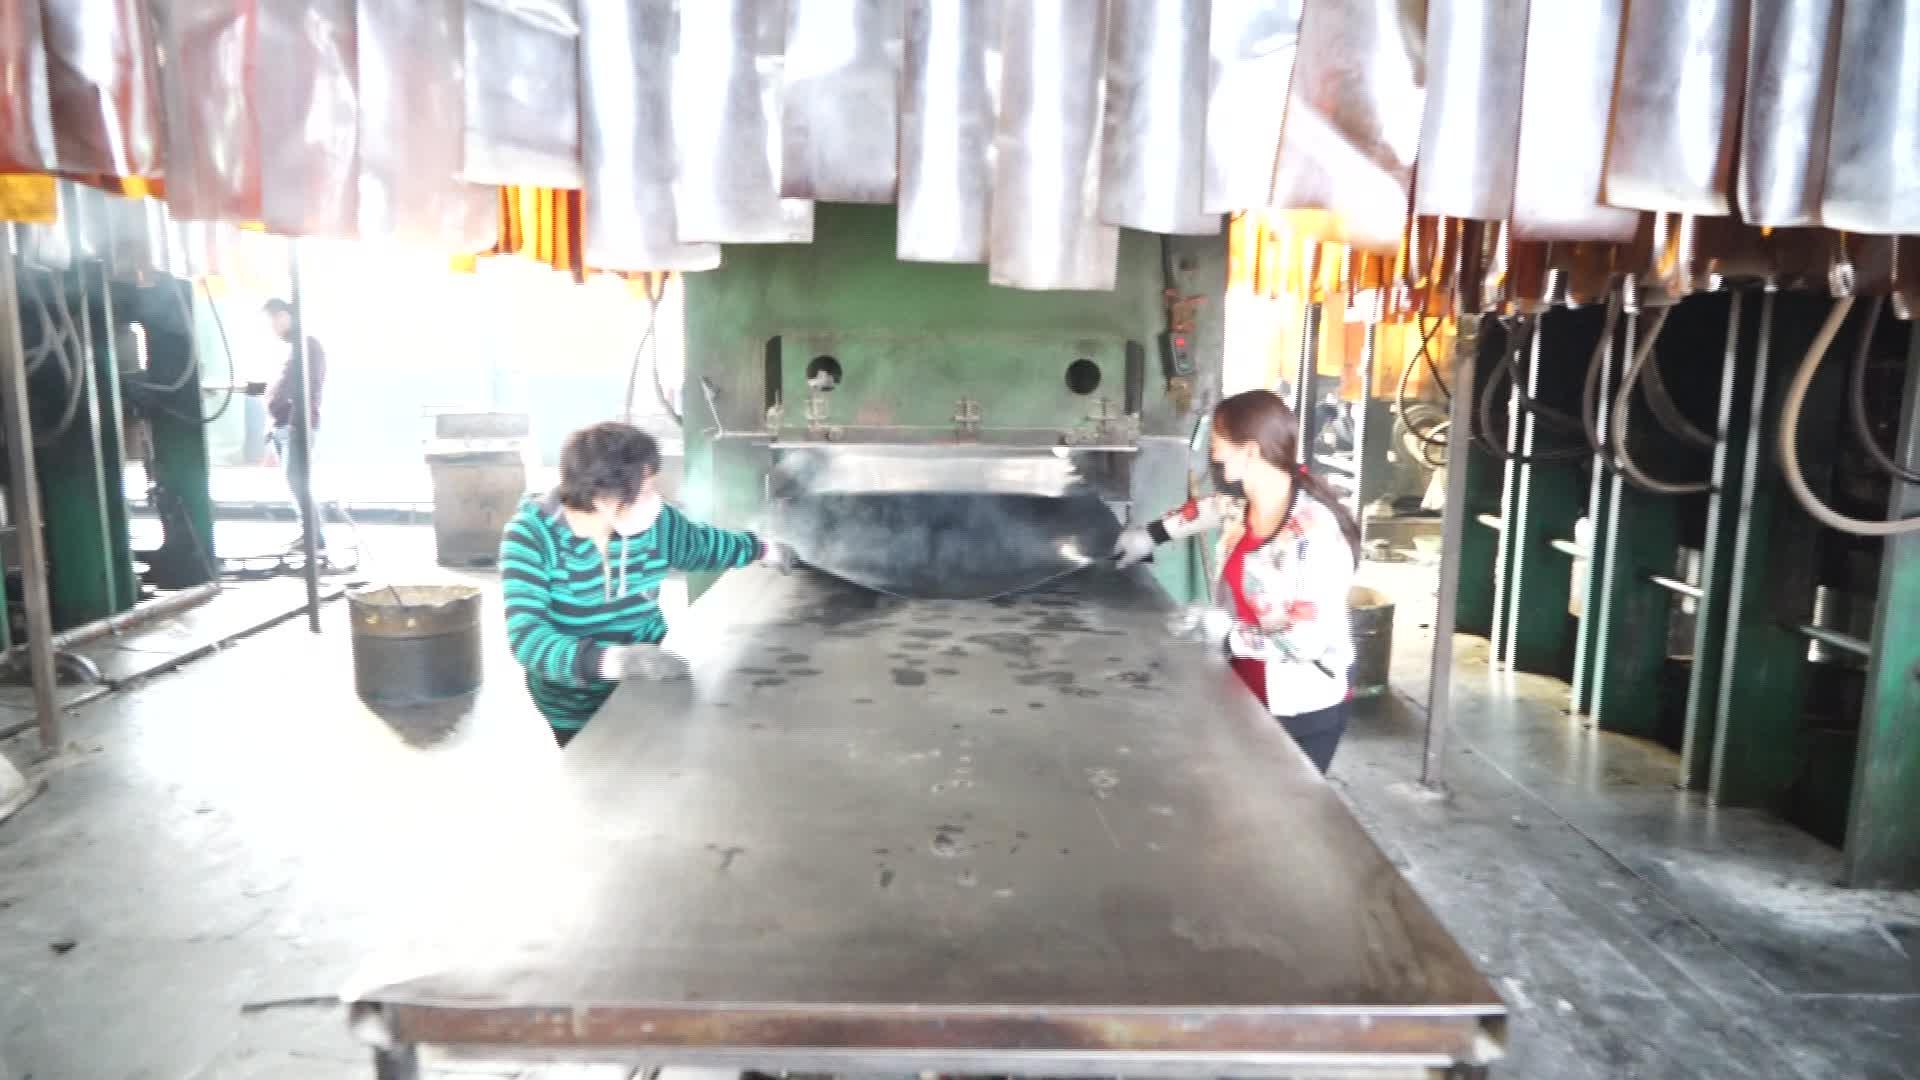 Trung quốc nhà máy công nghiệp cao su tổng hợp epdm sbr cao su tấm cr cuộn cao su tấm cao su 12mm dày